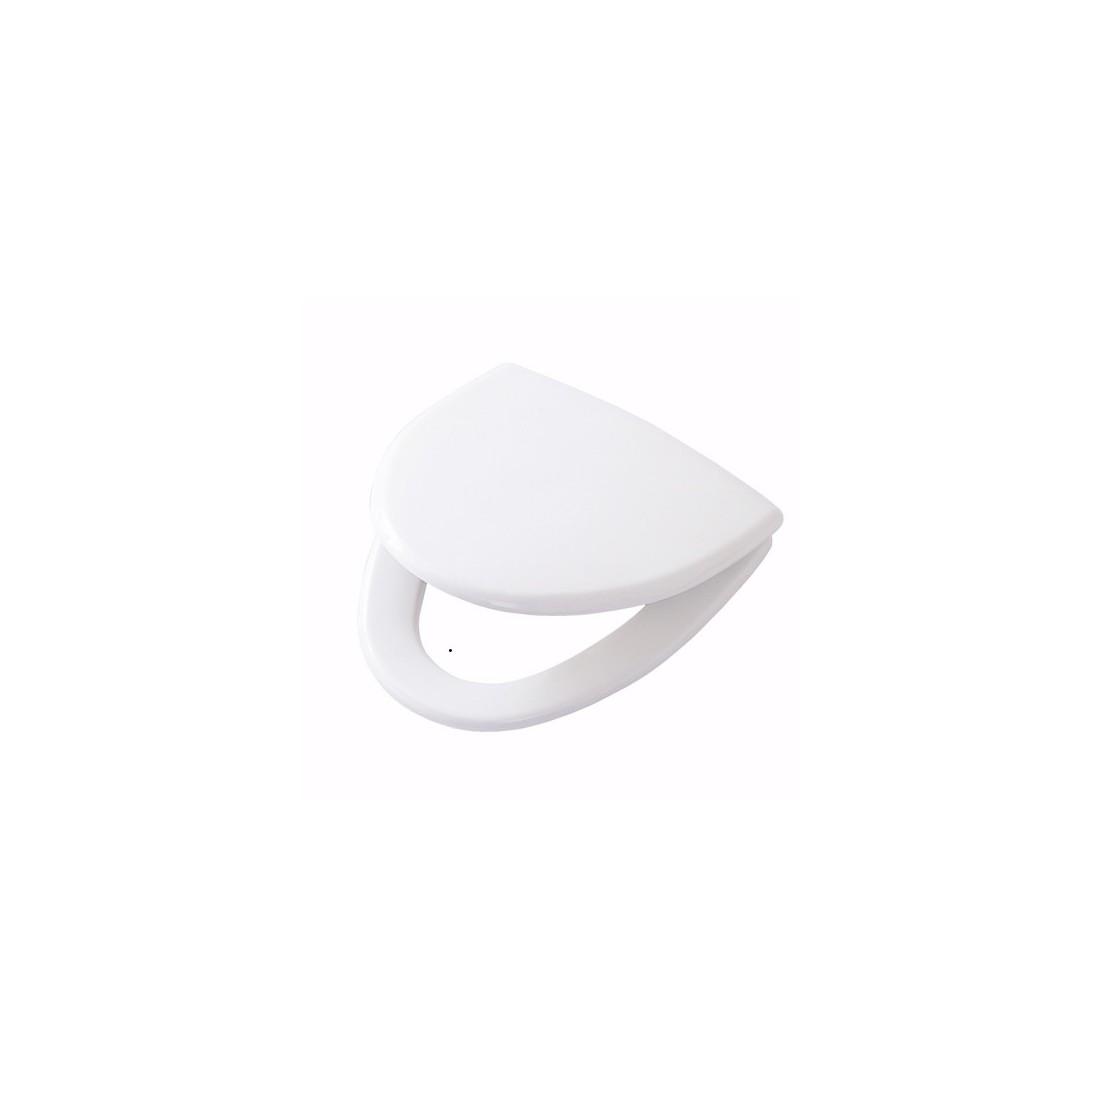 CERA kietas unitazo dangtis su soft close funkcija, lengvai nuimamas arba fiksuotas, baltas